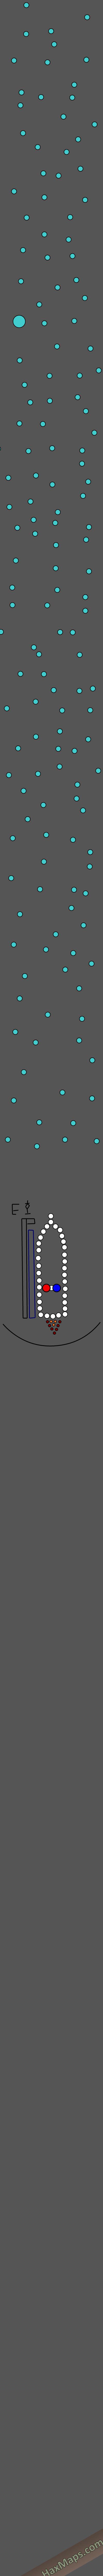 hax ball maps   space